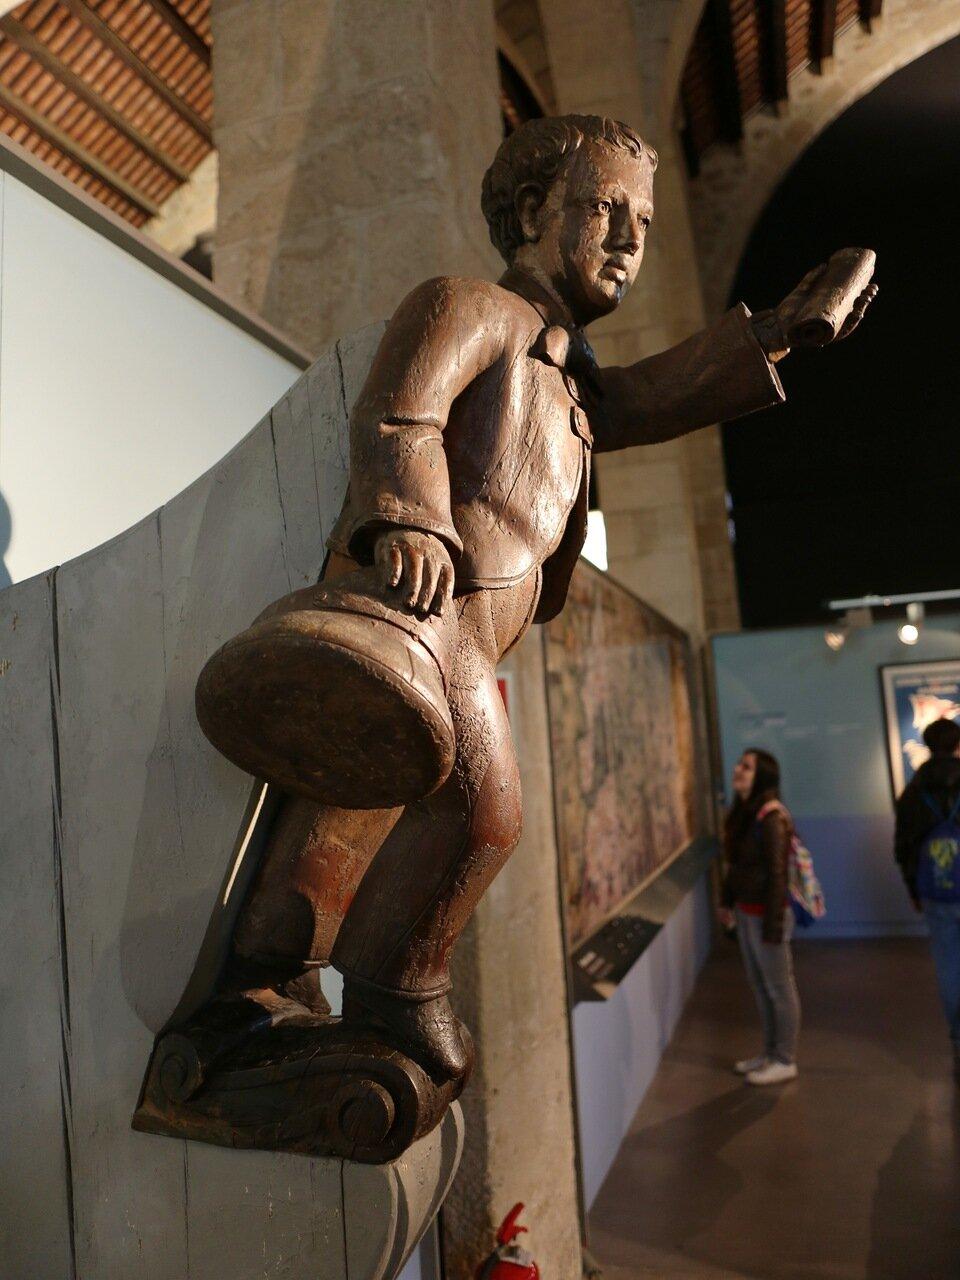 Maritime Museum of Barcelona. Galuna figure